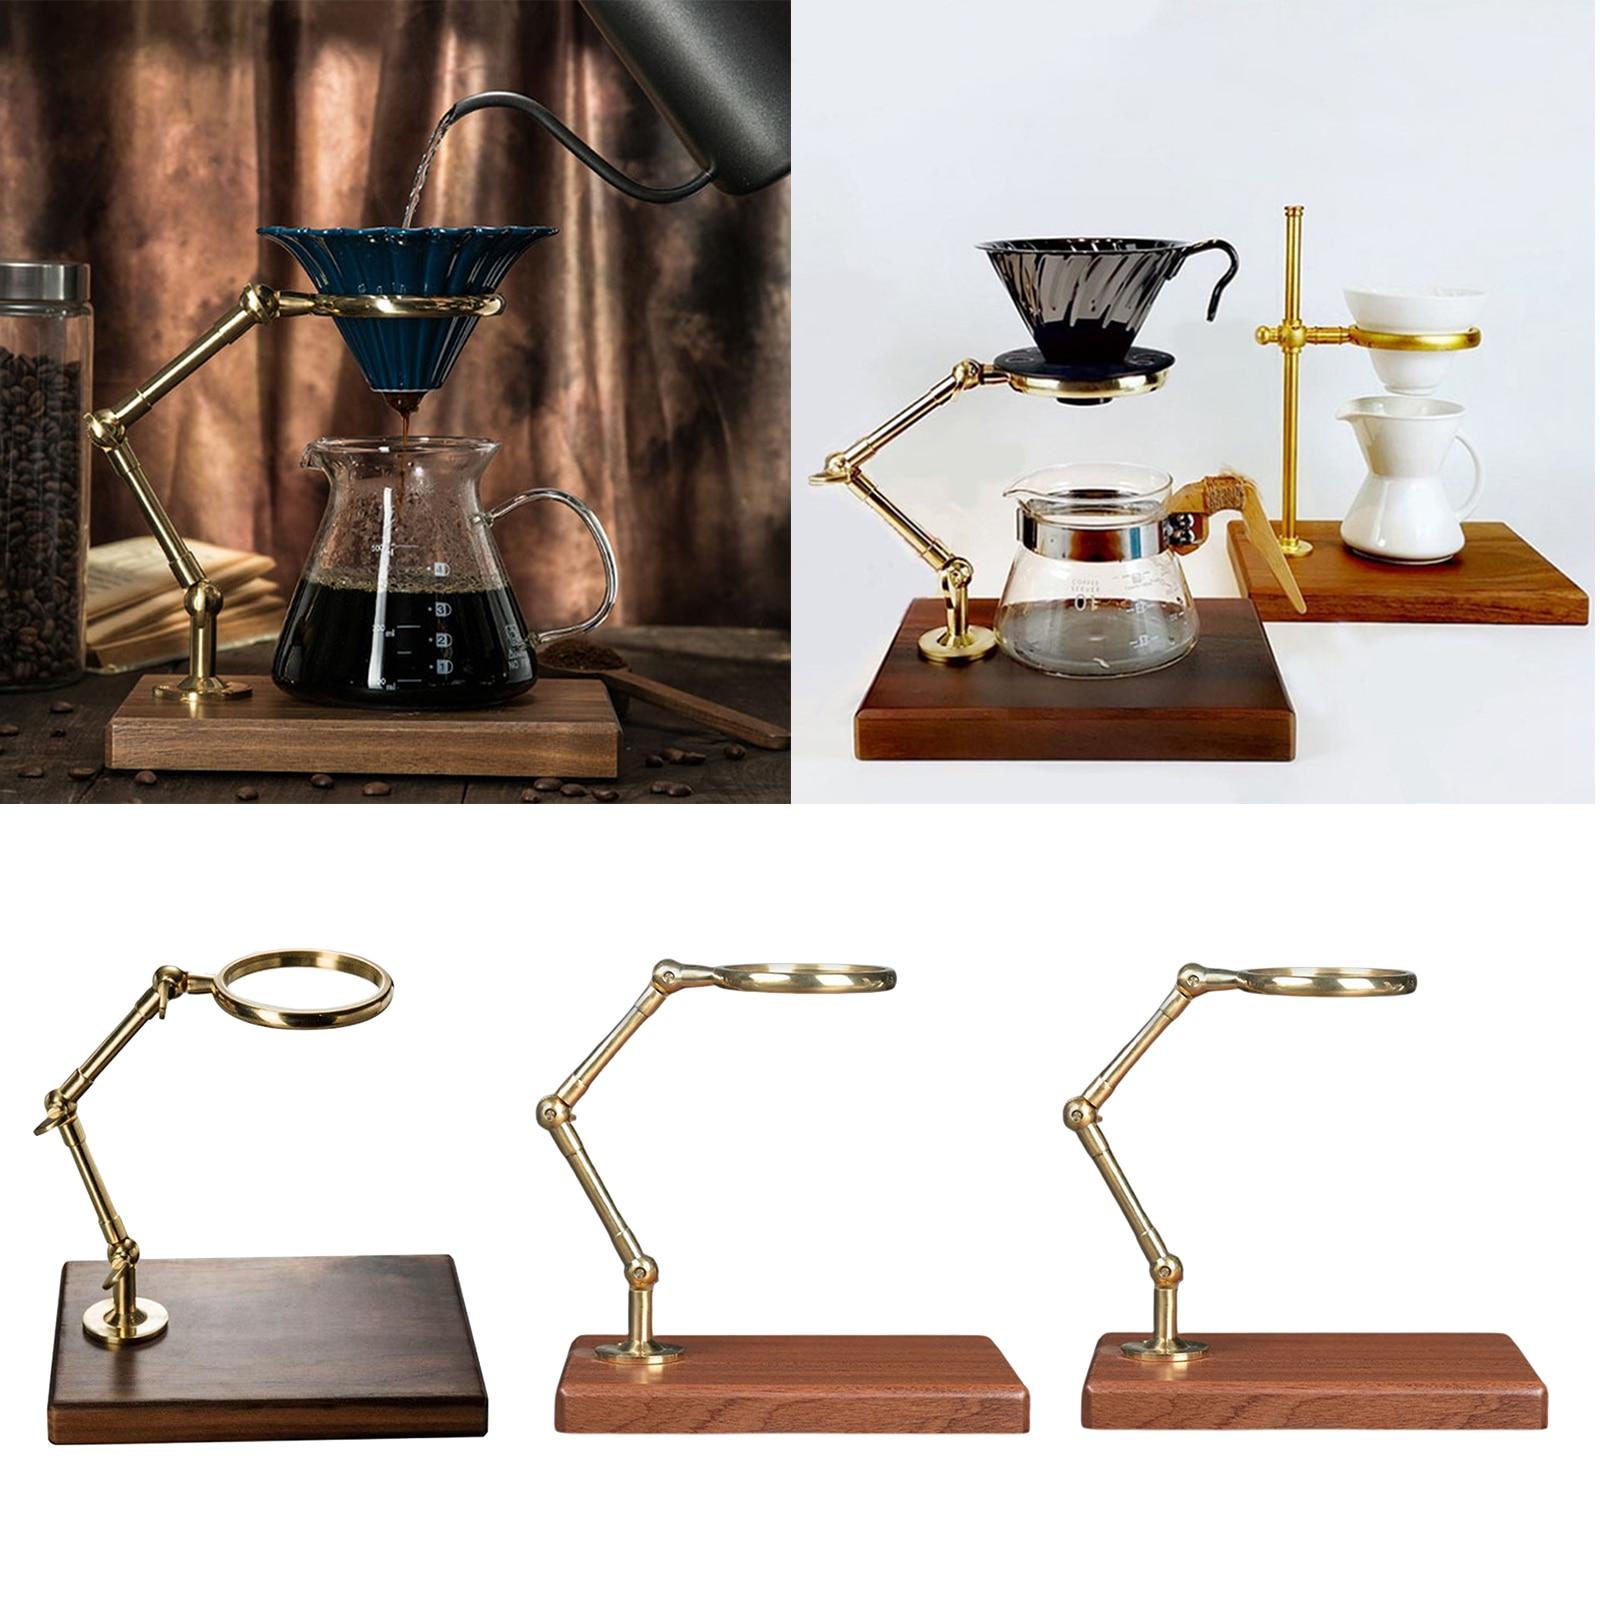 فلتر القهوة تختمر صب أكثر من محطة القهوة المنقط حامل اليد فلتر القهوة حامل قاعدة خشبية للمطبخ بار